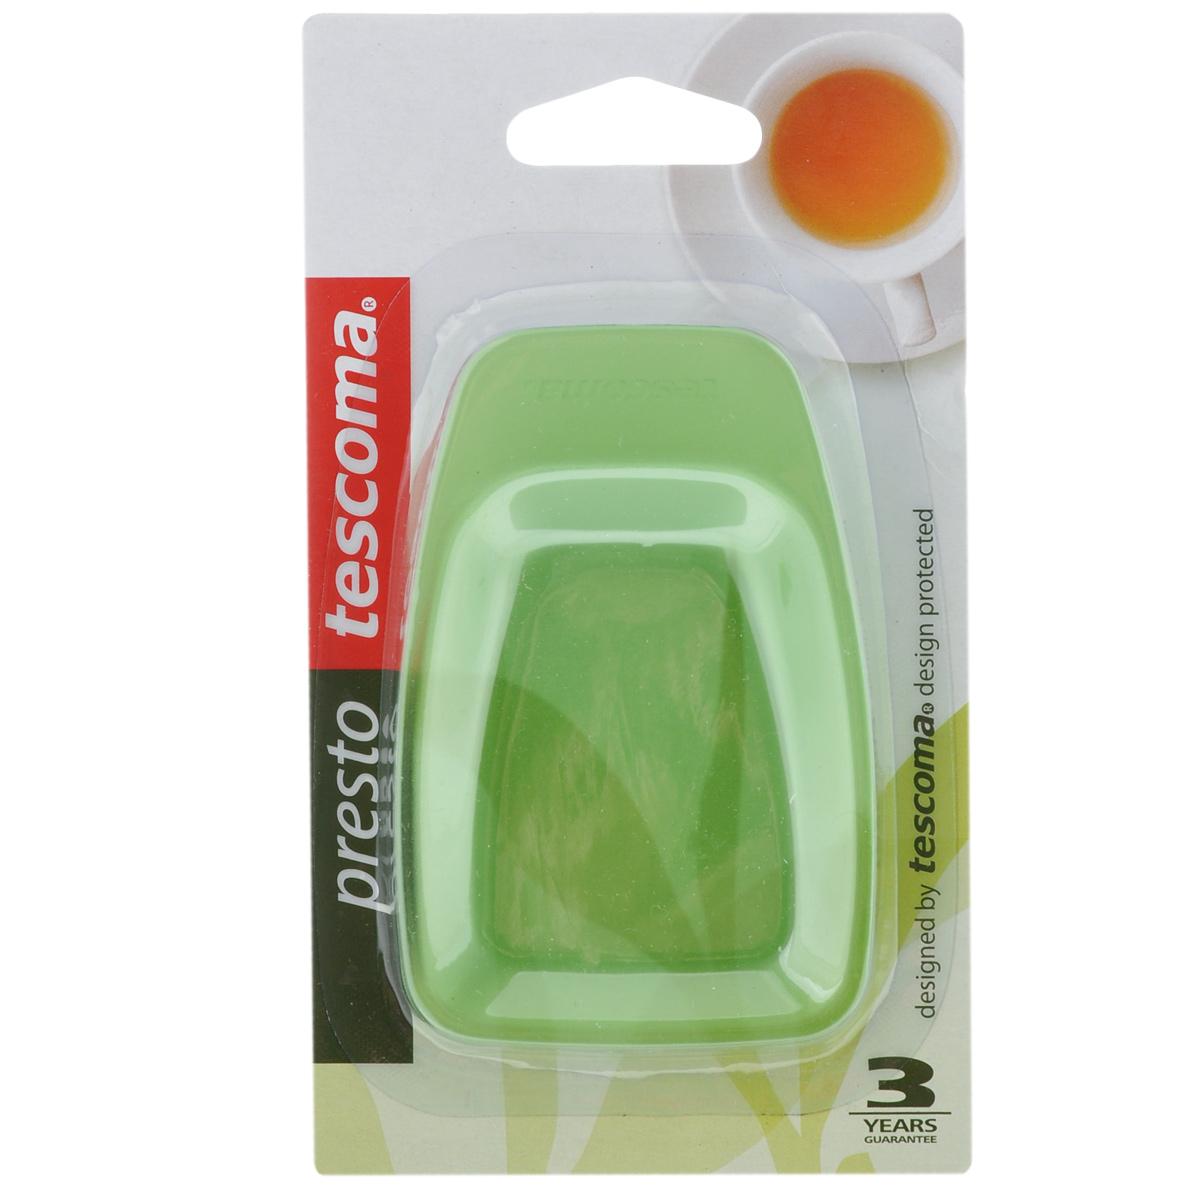 Поднос для чайных пакетов Tescoma Presto, цвет: зеленый, 2 шт420681-зеленыйПоднос Tescoma Presto используется как подставка для использованных чайных пакетиков. Выполнен из первоклассной прочной пластмассы. Можно мыть в посудомоечной машине.